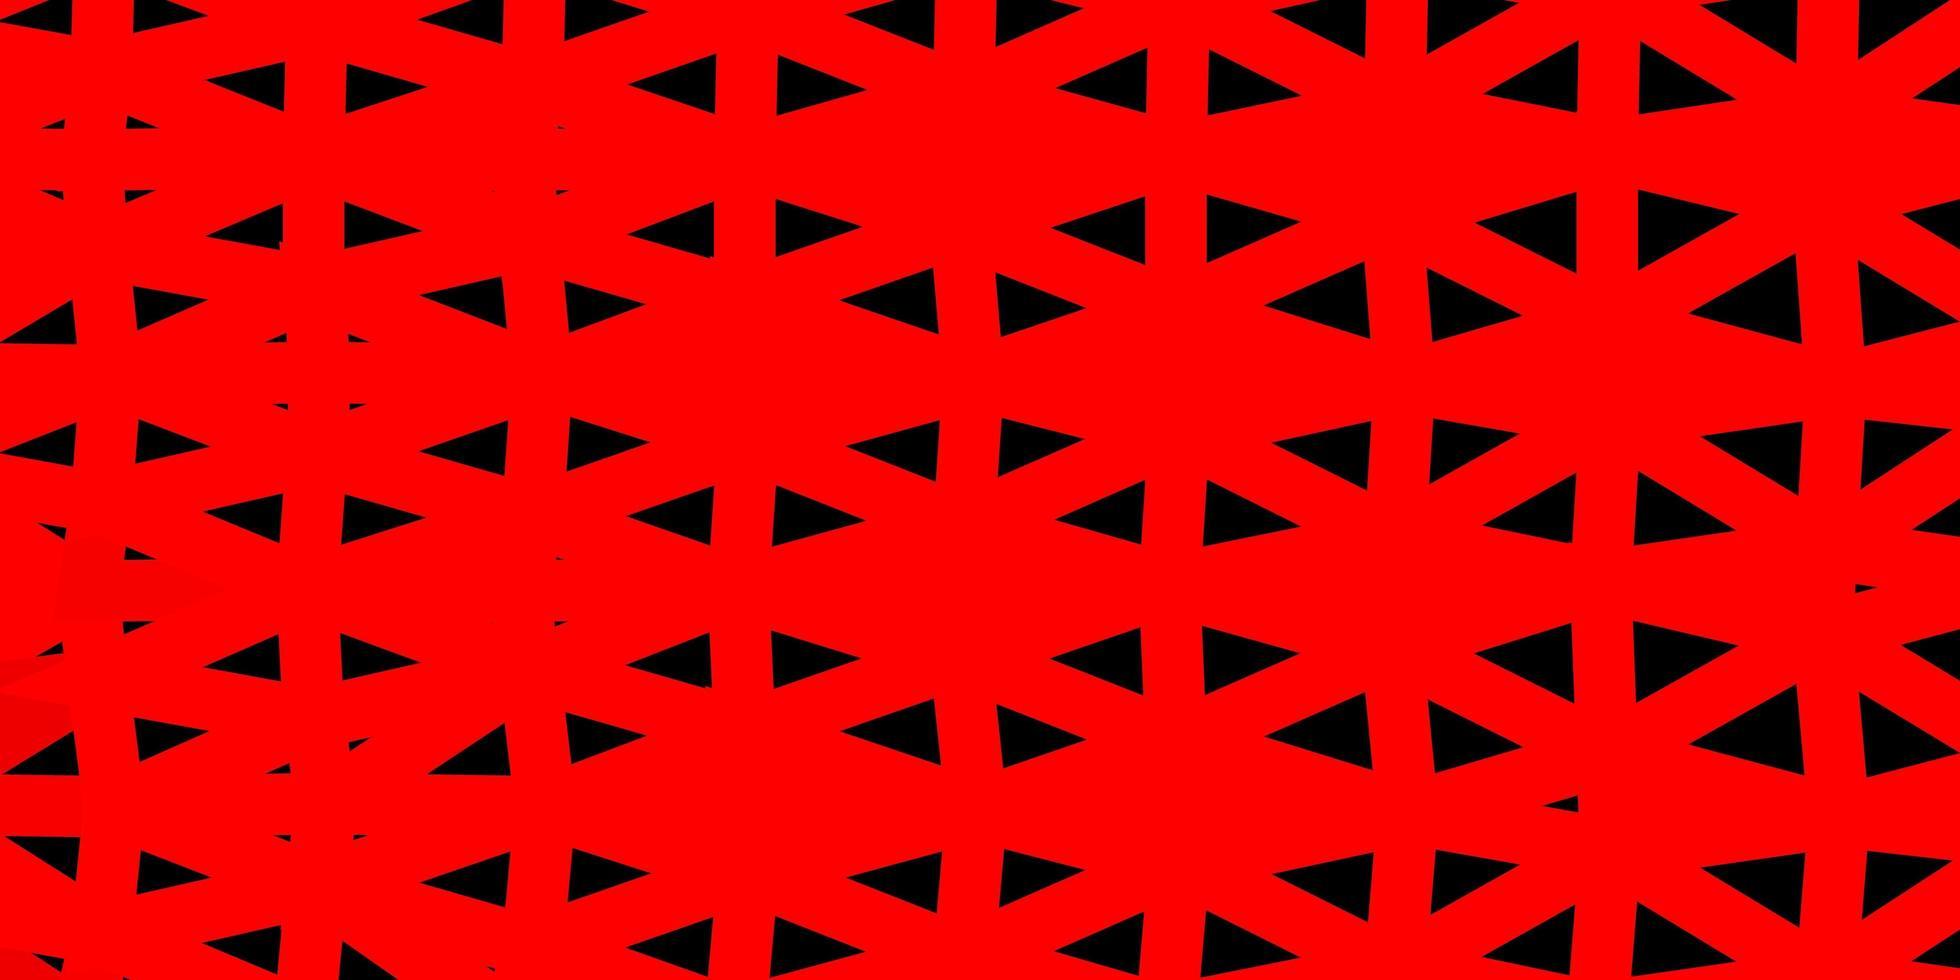 disegno a mosaico triangolo rosso chiaro. vettore